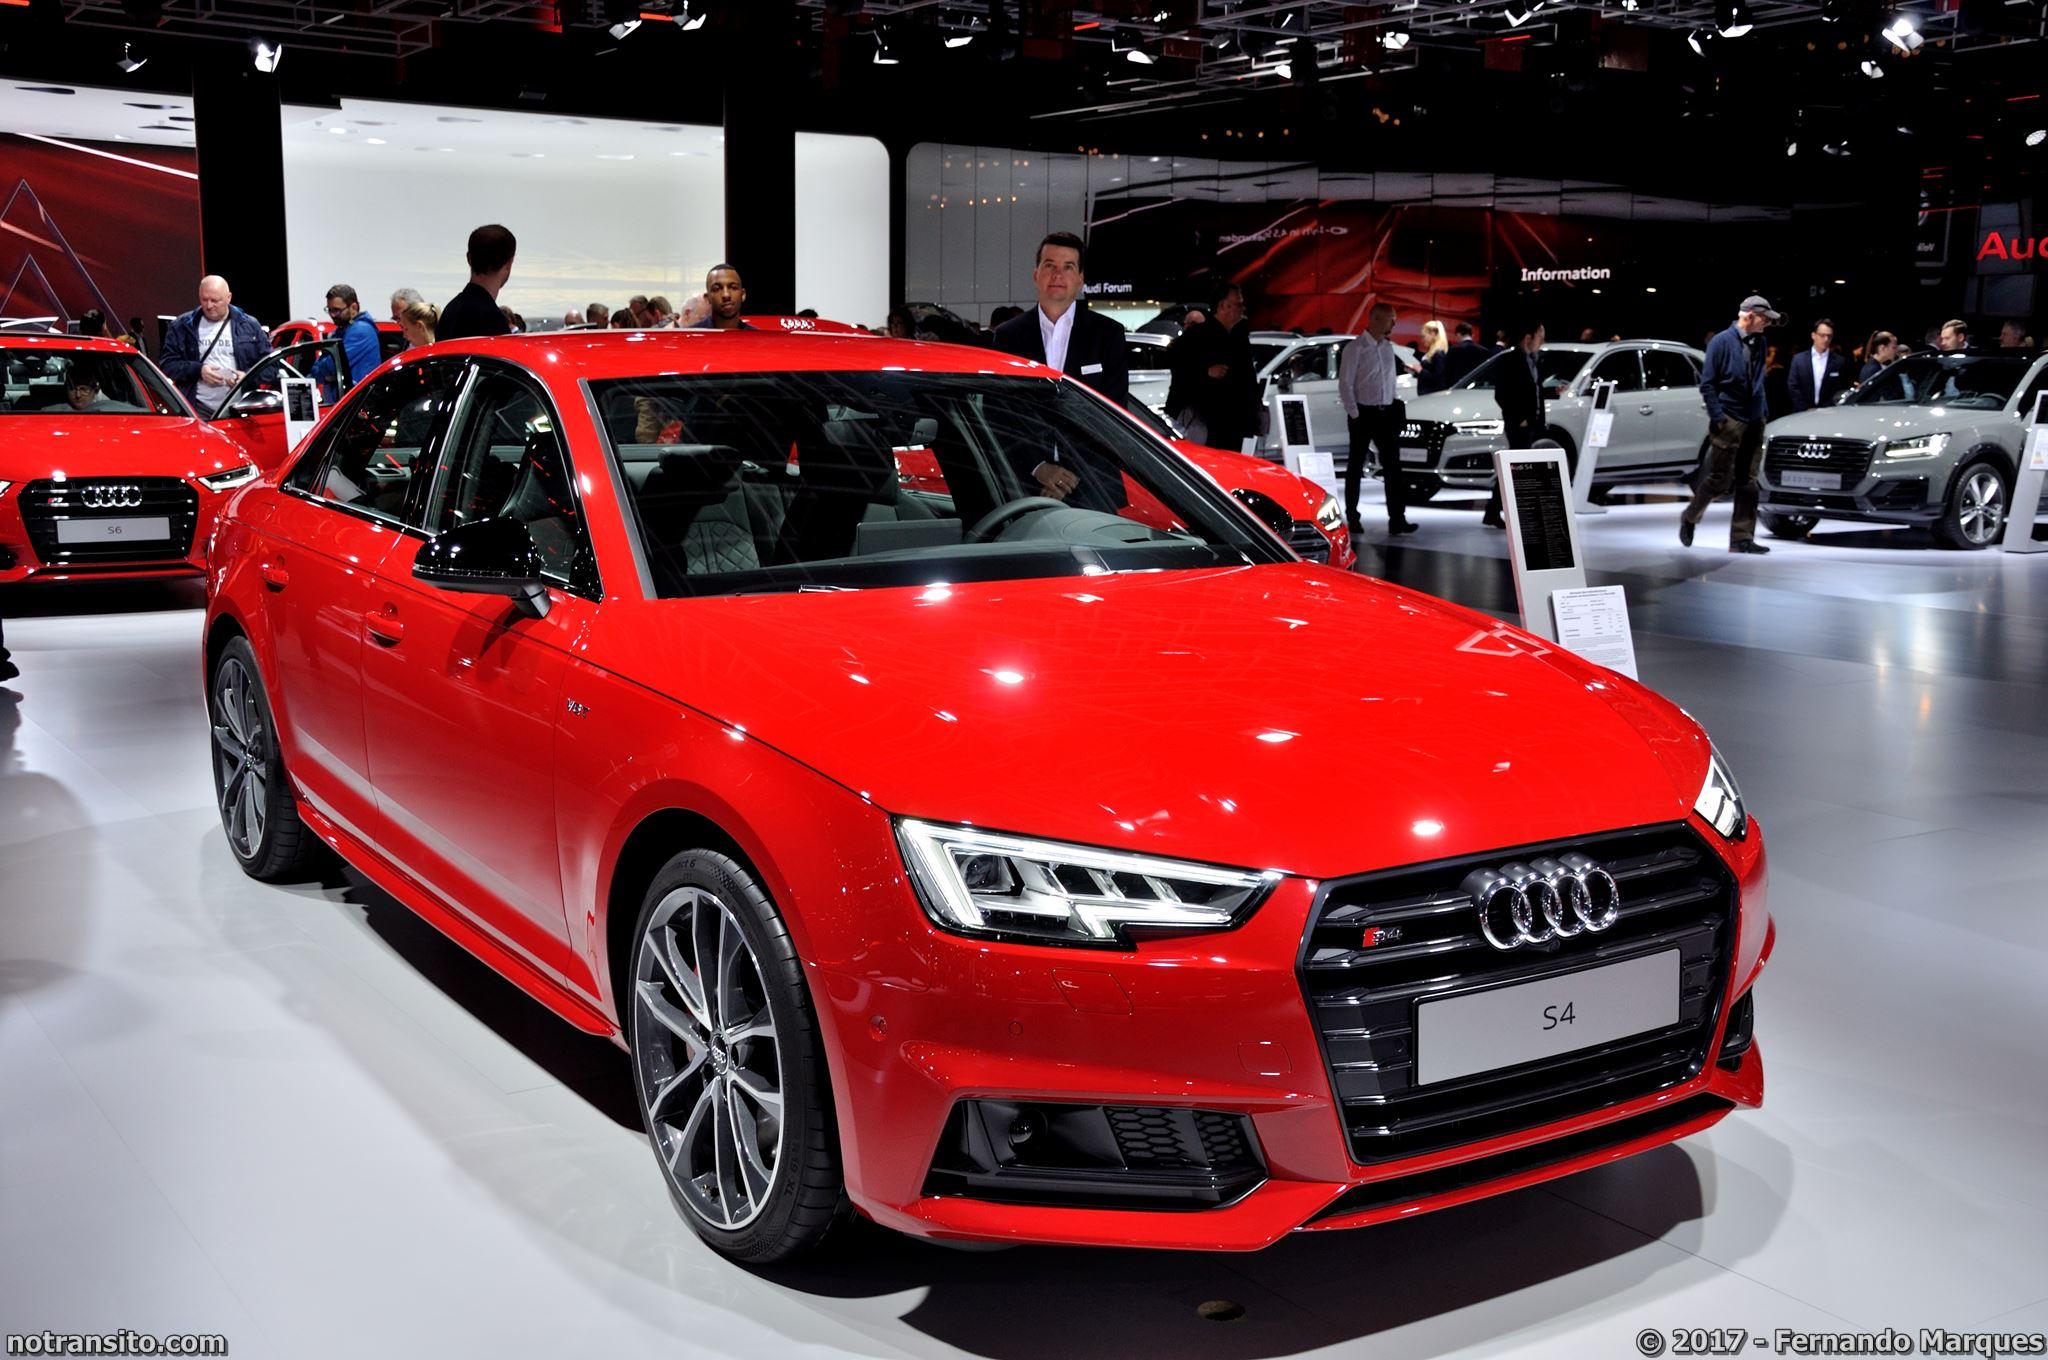 Audi-S4-Seda-Frankfurt-2017-002